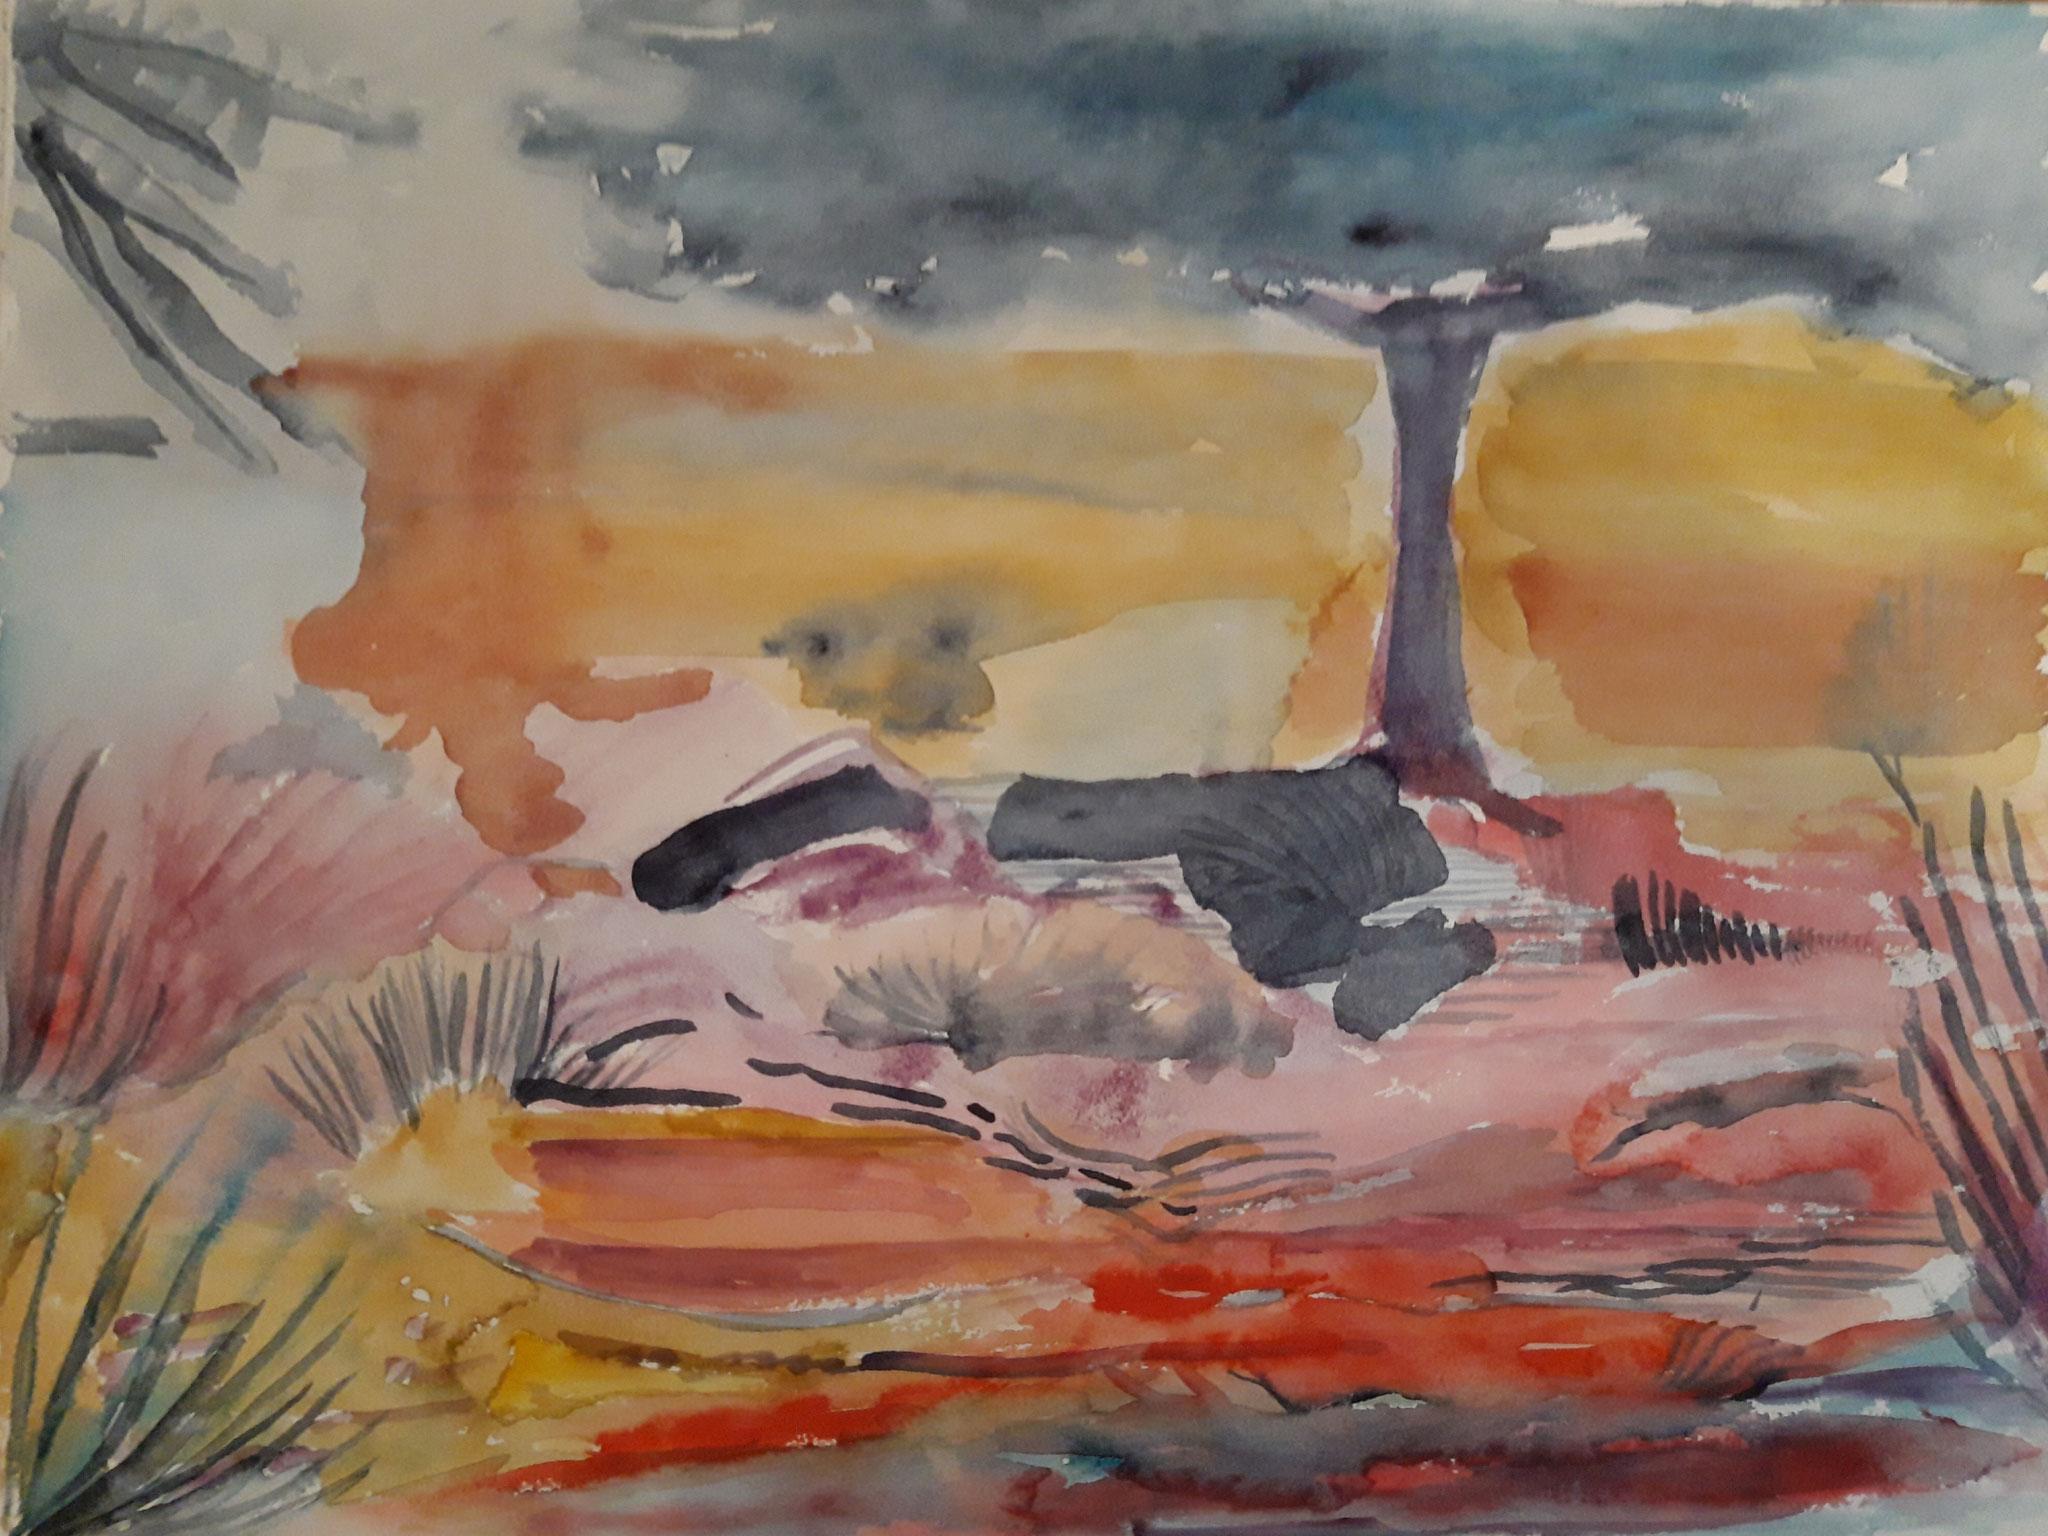 Ibizza, Landschaft, 2020, Aquarell auf Bütten, 36 x 48 cm